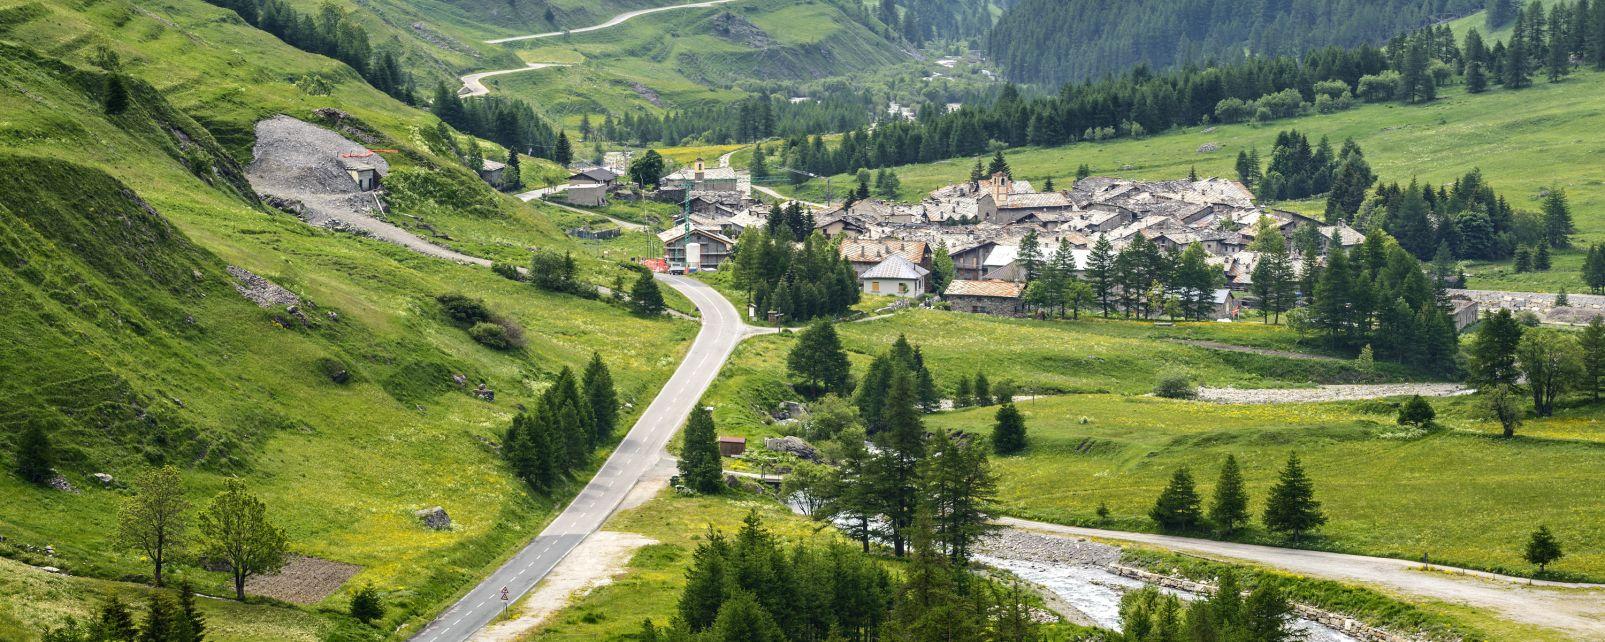 Les paysages, Colle dell'Agnello, Val Varaita, Chianale, Coni, Europe, Italie, Piemont, alpes, montagne